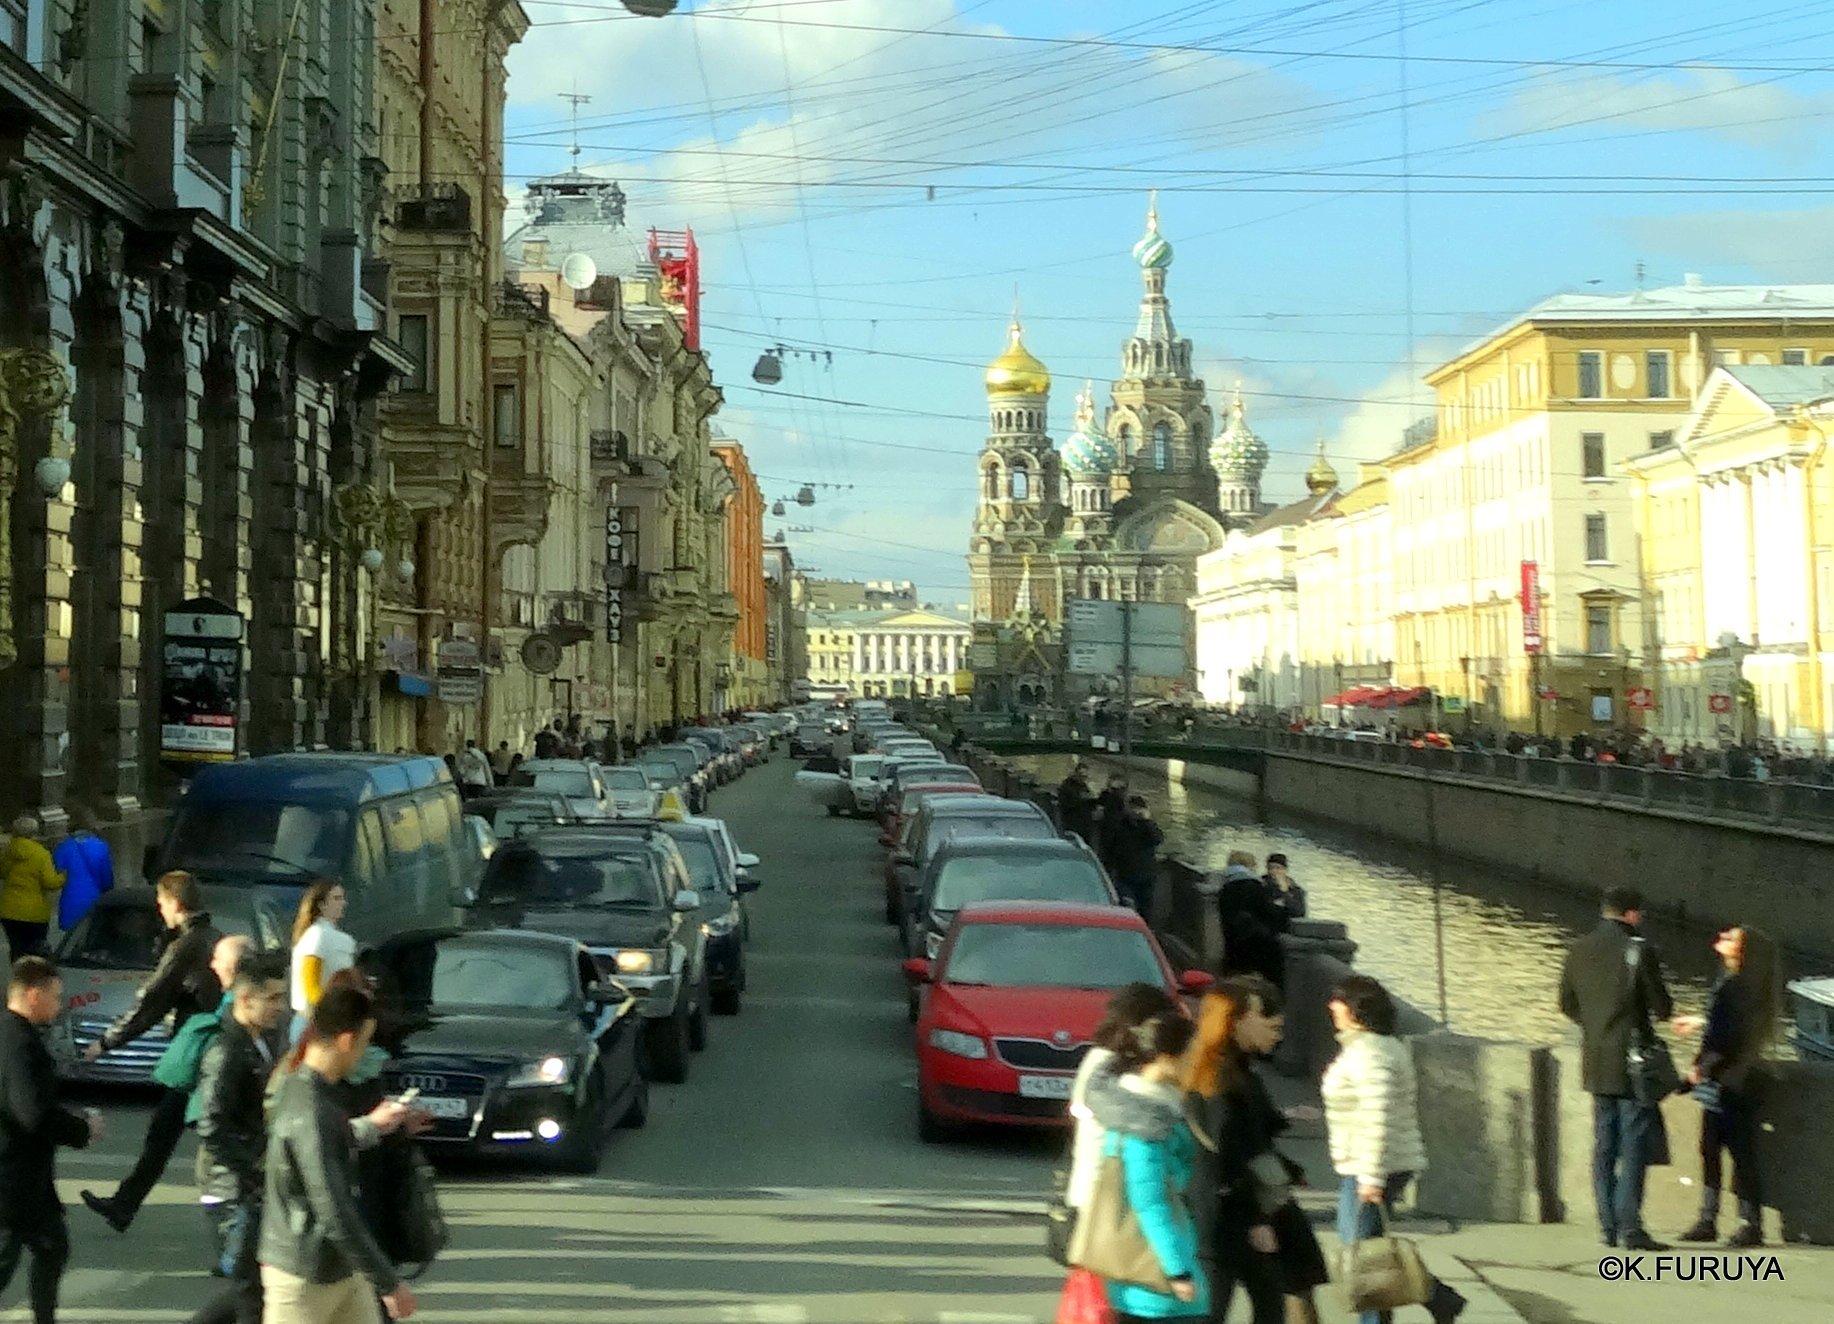 ロシアの旅 7  ストロガノフ宮殿でビーフストロガノフ♪_a0092659_19274173.jpg